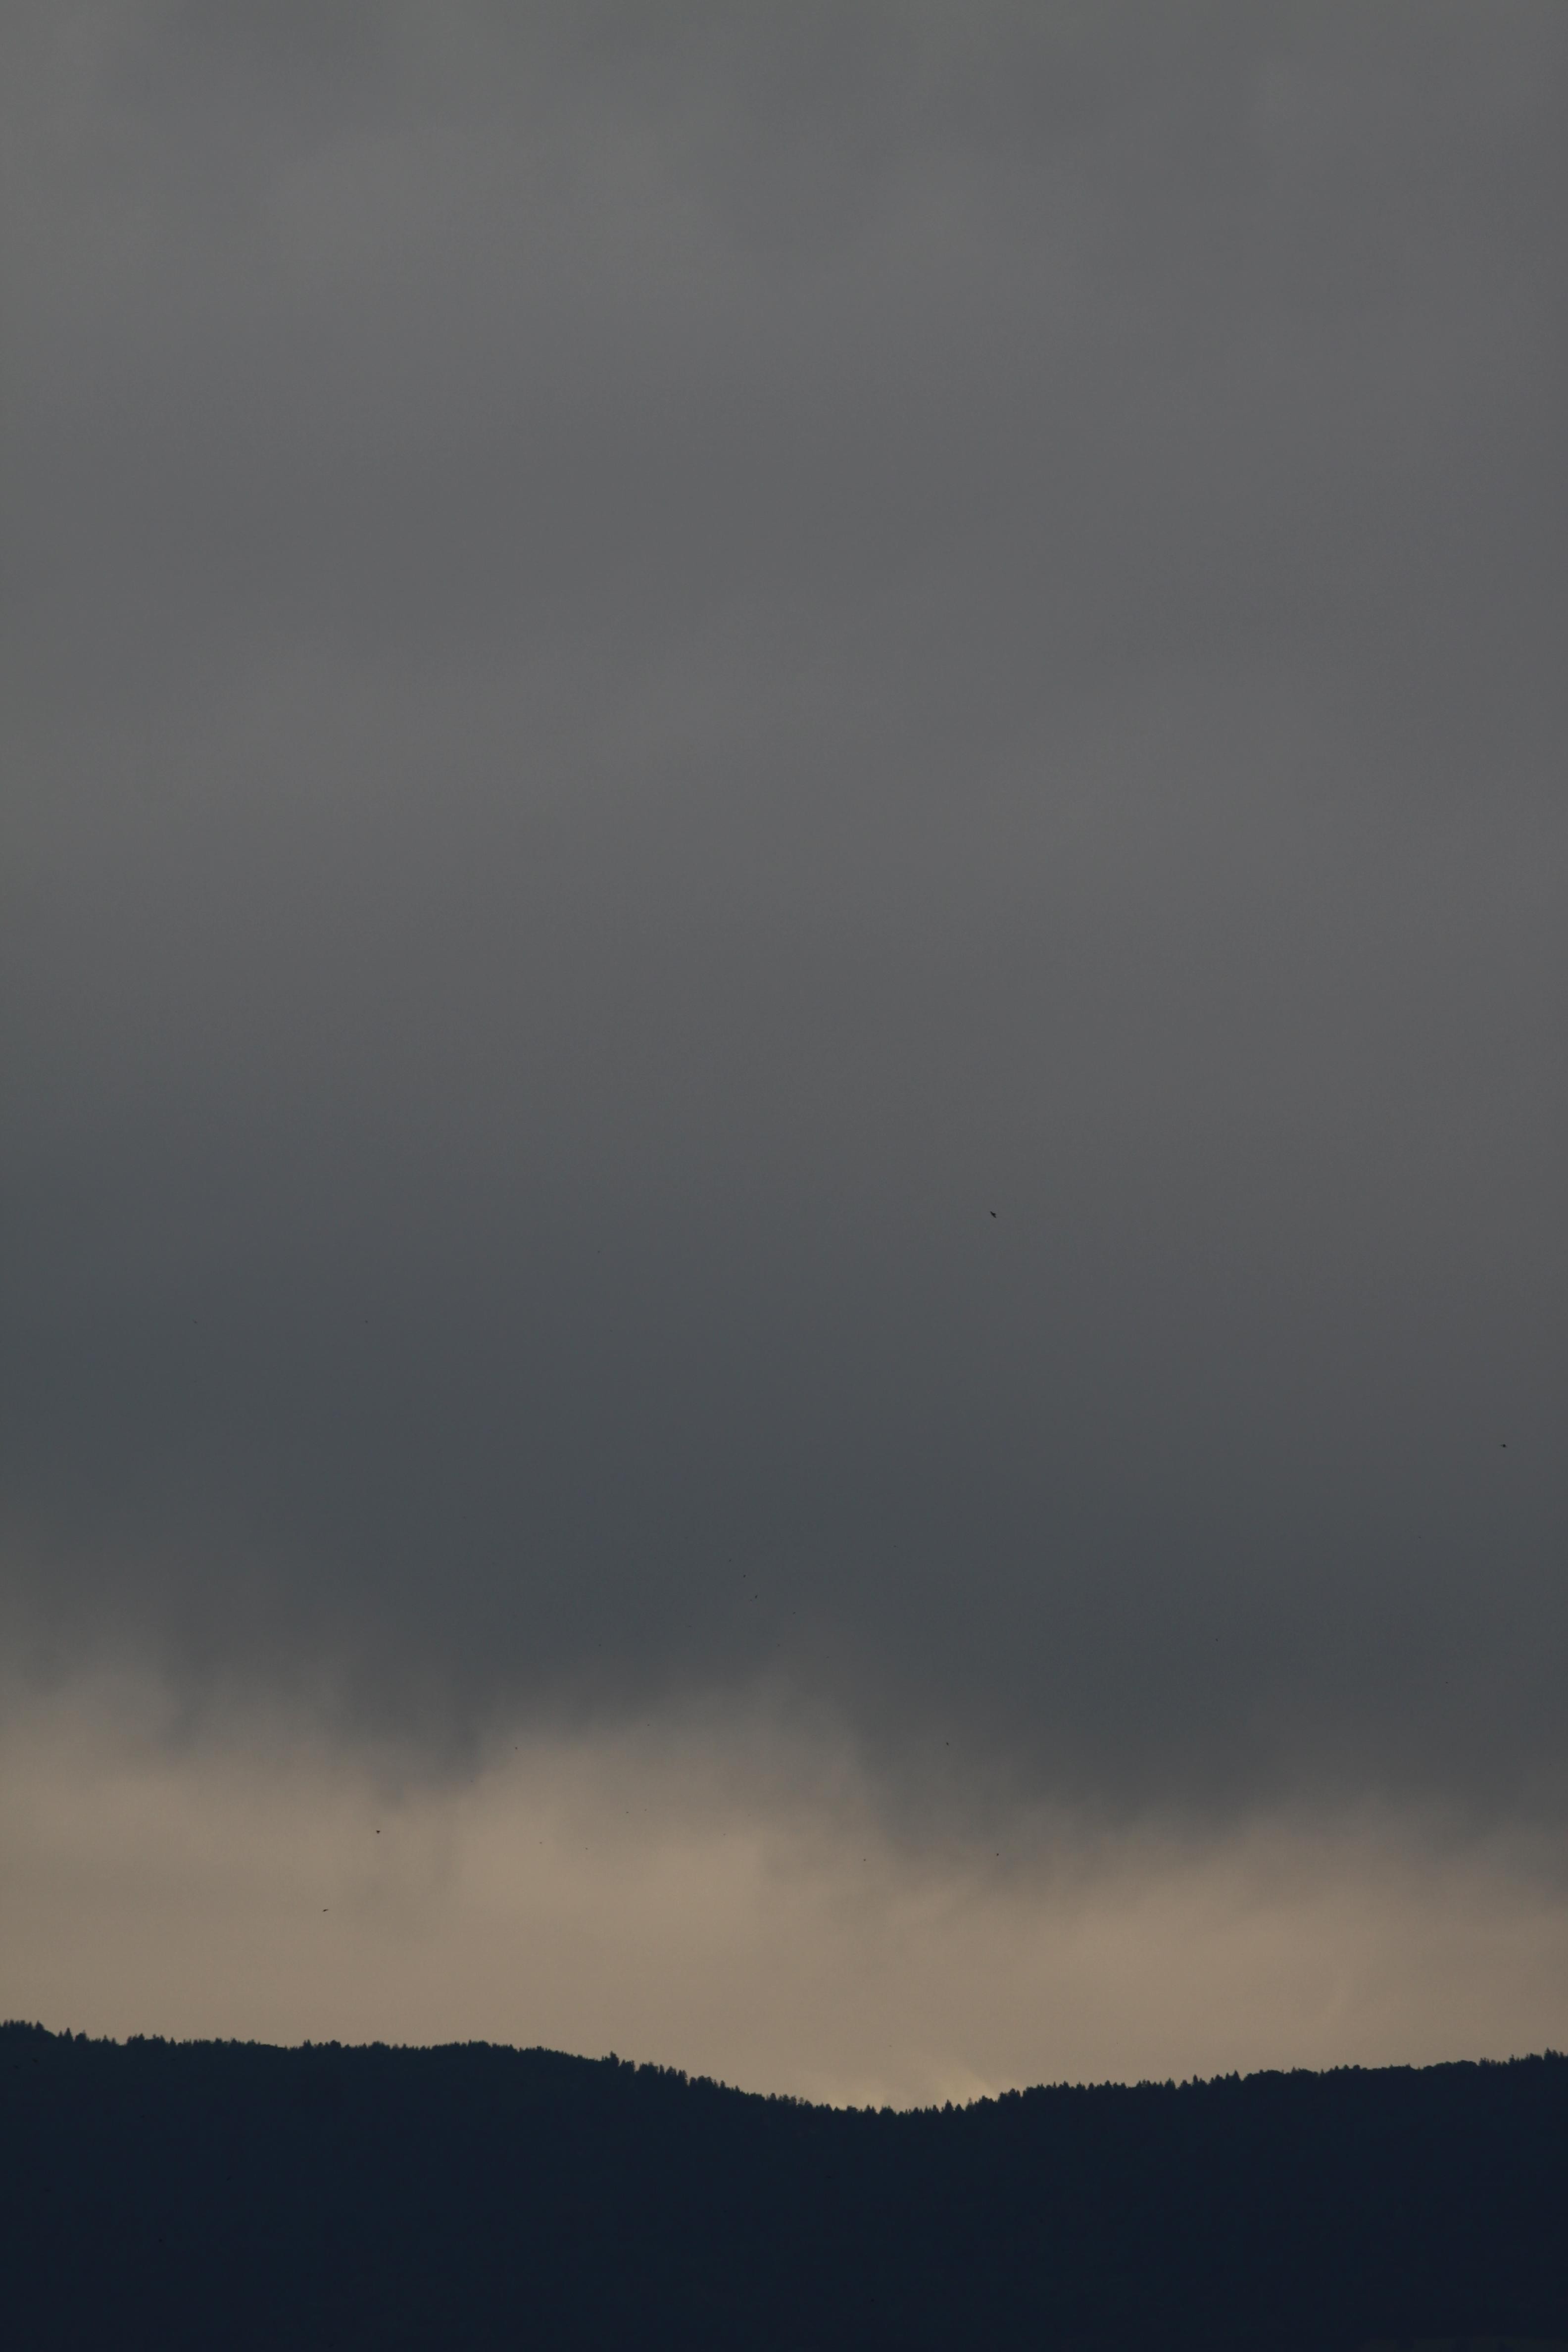 ciel gris et pesant au-dessus d'une montagne (Voirons), éclaircie entre le ciel et la montagne